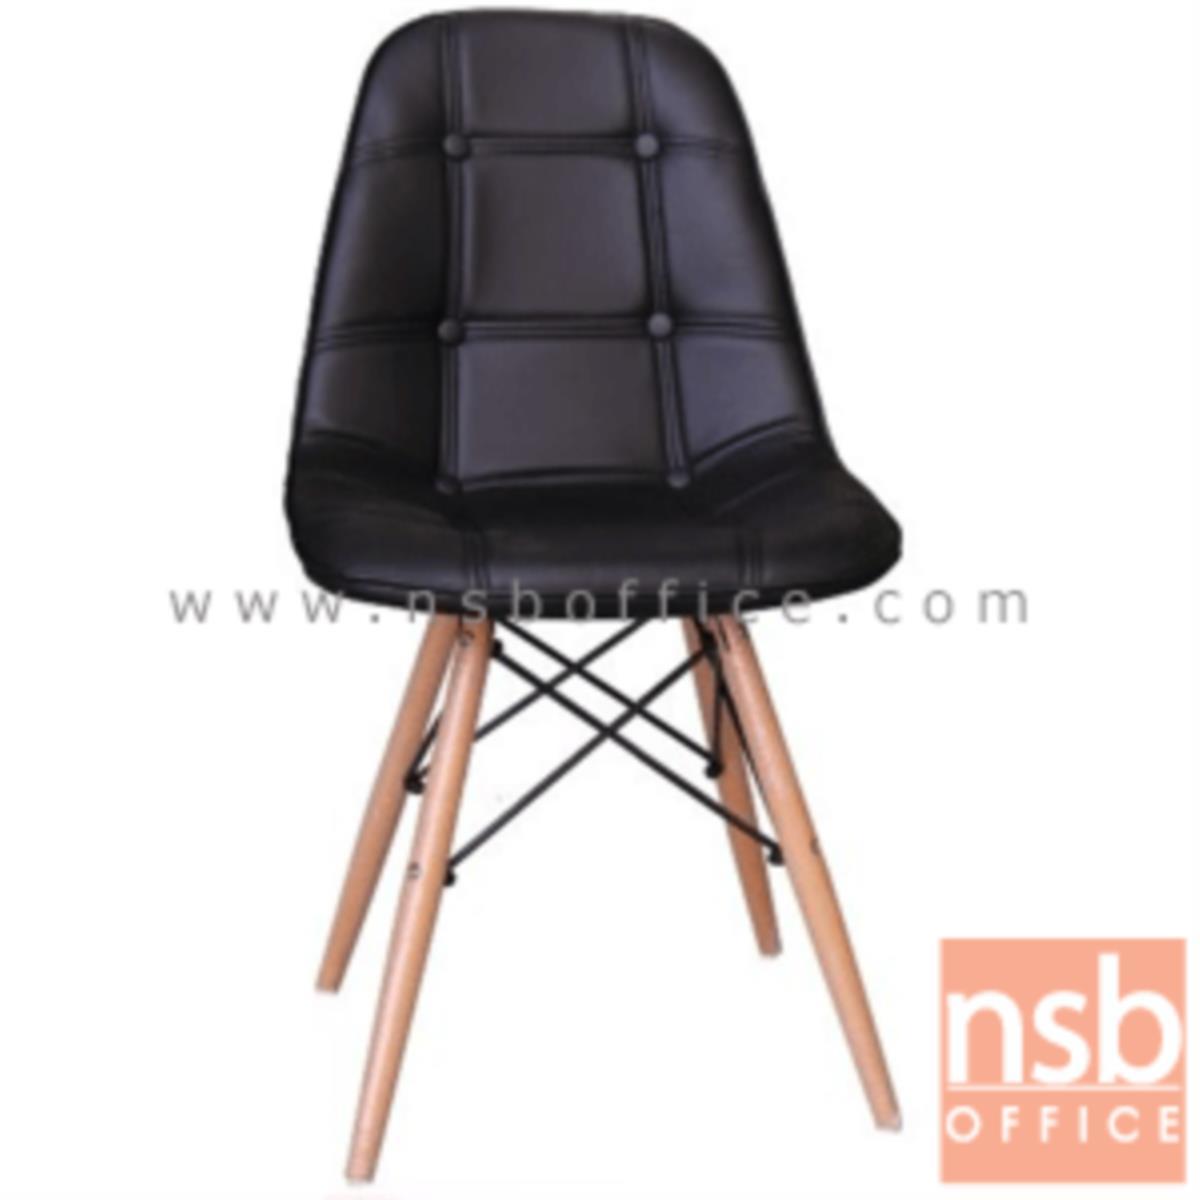 B29A147:เก้าอี้โมเดิร์นหนังเทียม รุ่น FN-MST-0661 ขนาด 45W cm. โครงเหล็กเส้นพ่นดำ ขาไม้สีบีช